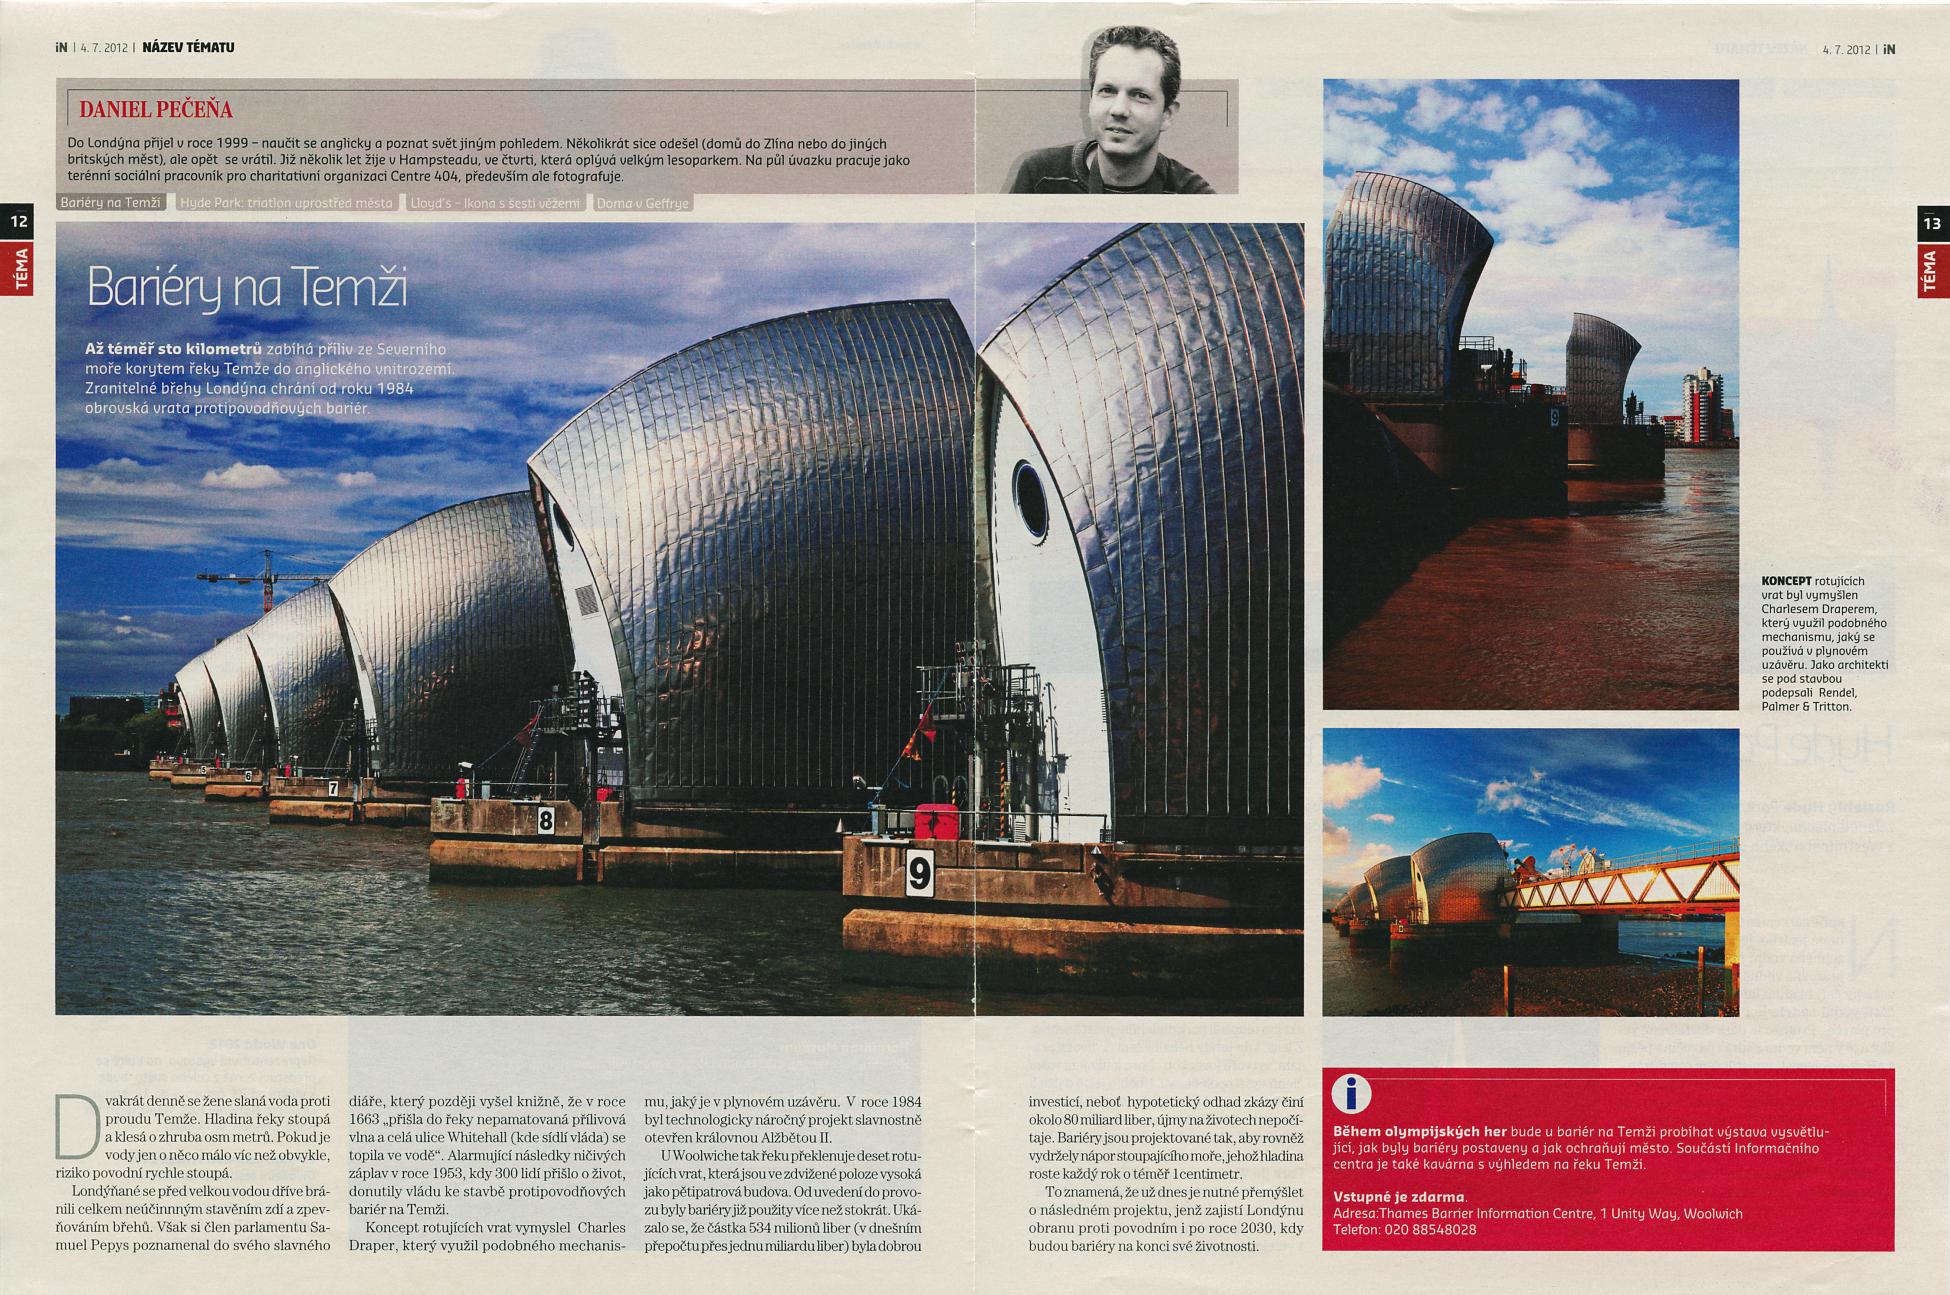 HN-In Magazin_Thames Barrier